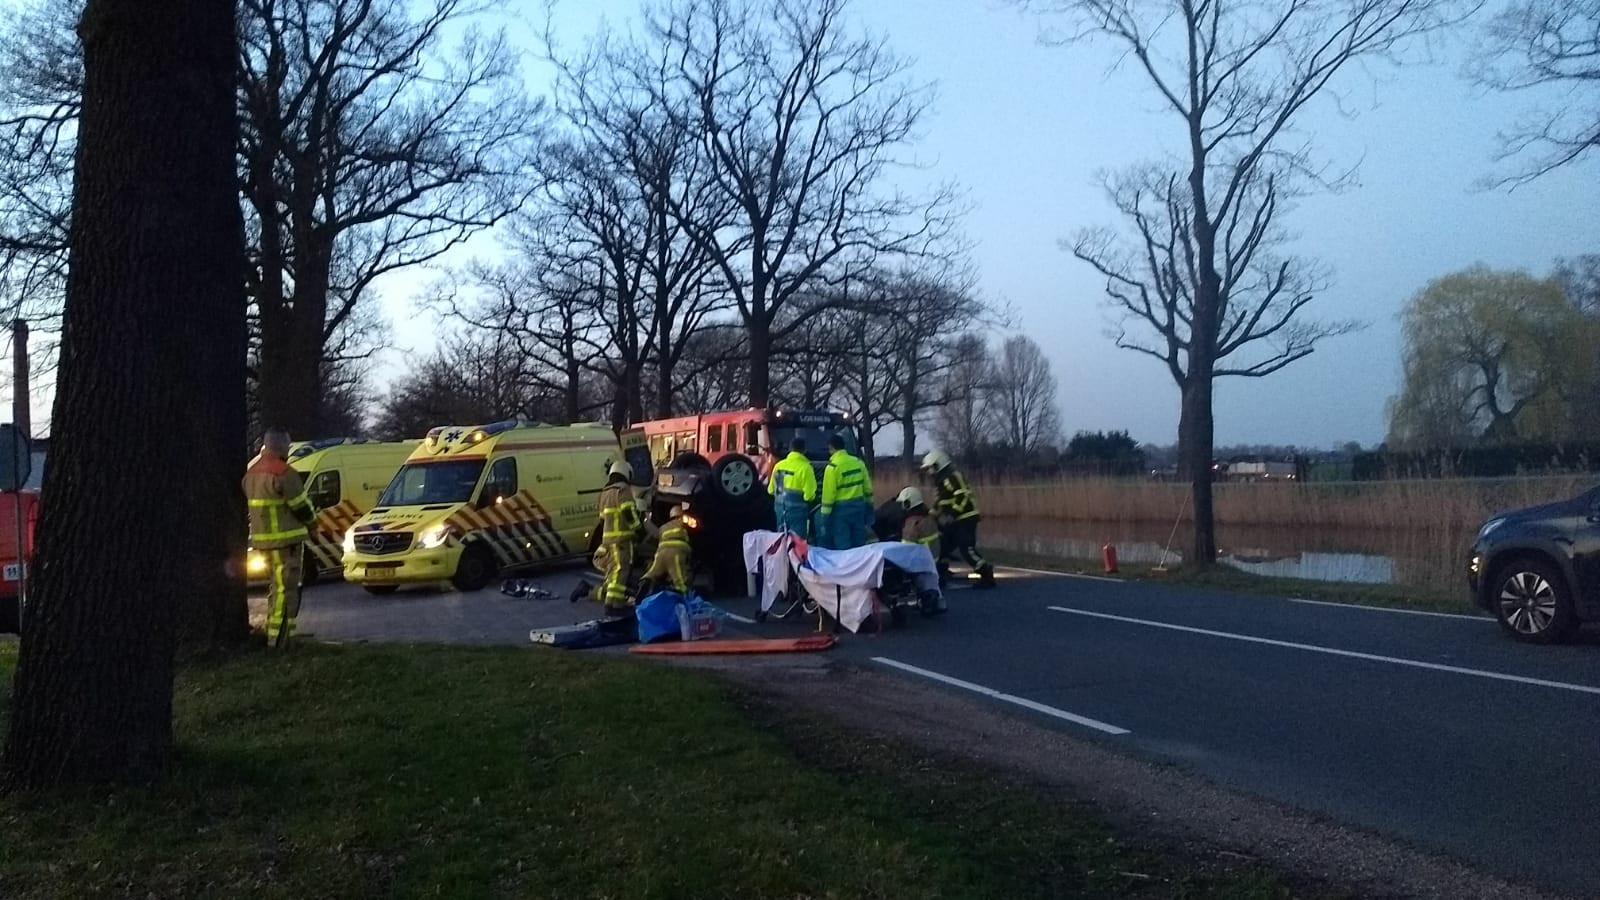 De auto ligt op zijn kop na het ongeluk in Loenen.